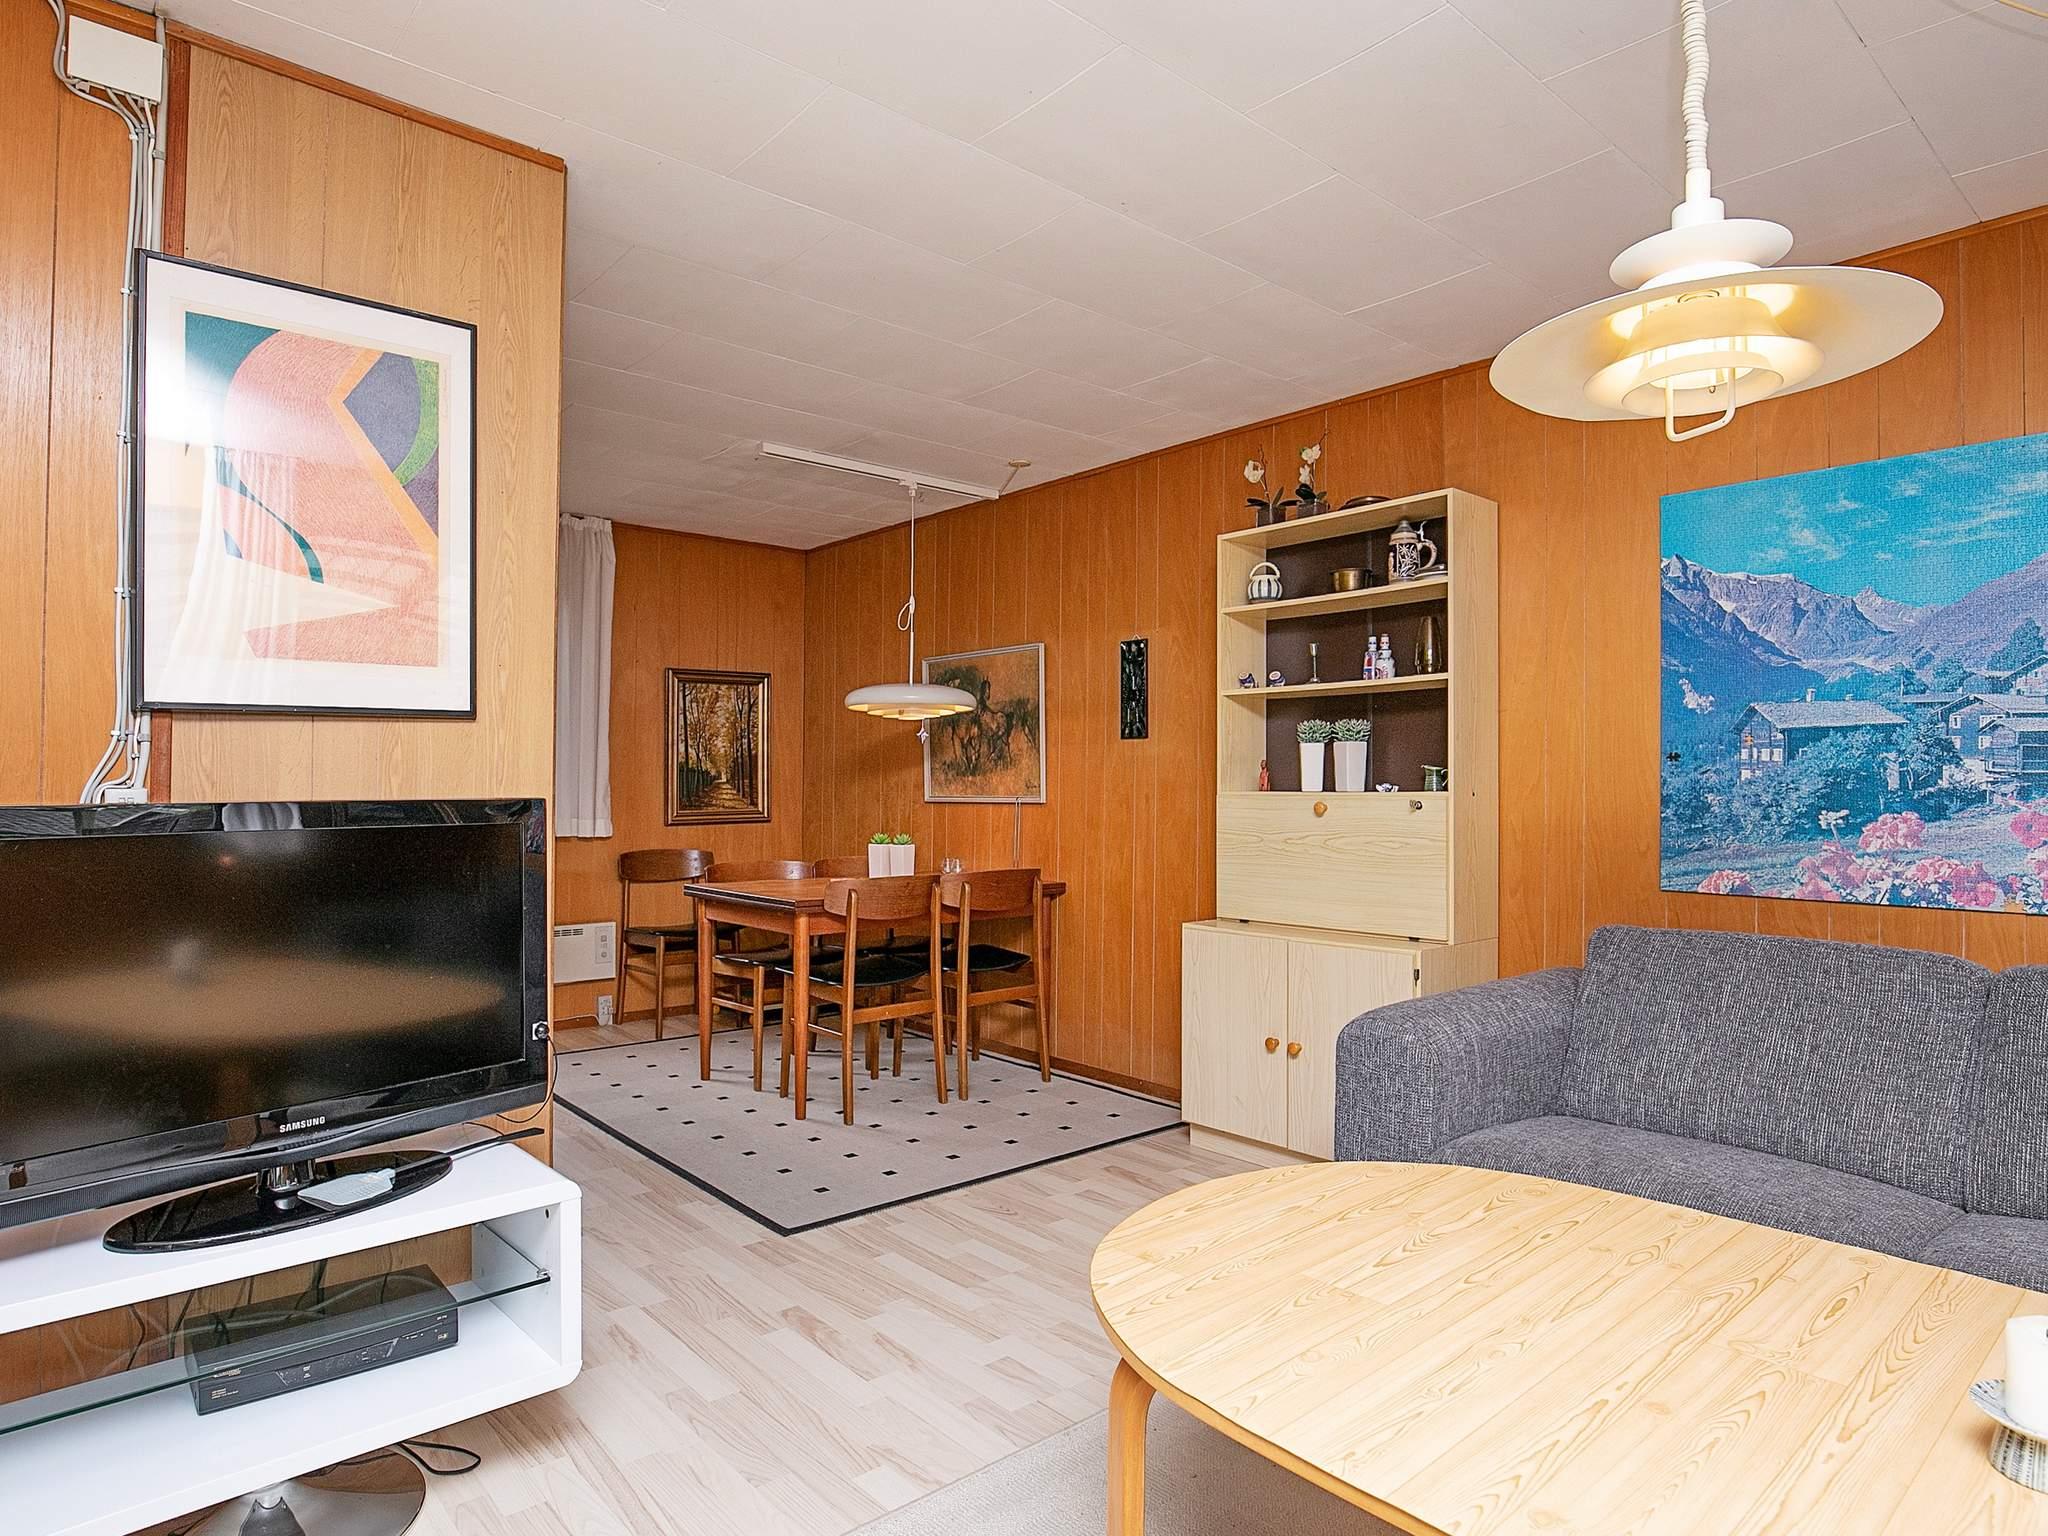 Ferienhaus Marielyst (87201), Marielyst, , Falster, Dänemark, Bild 3